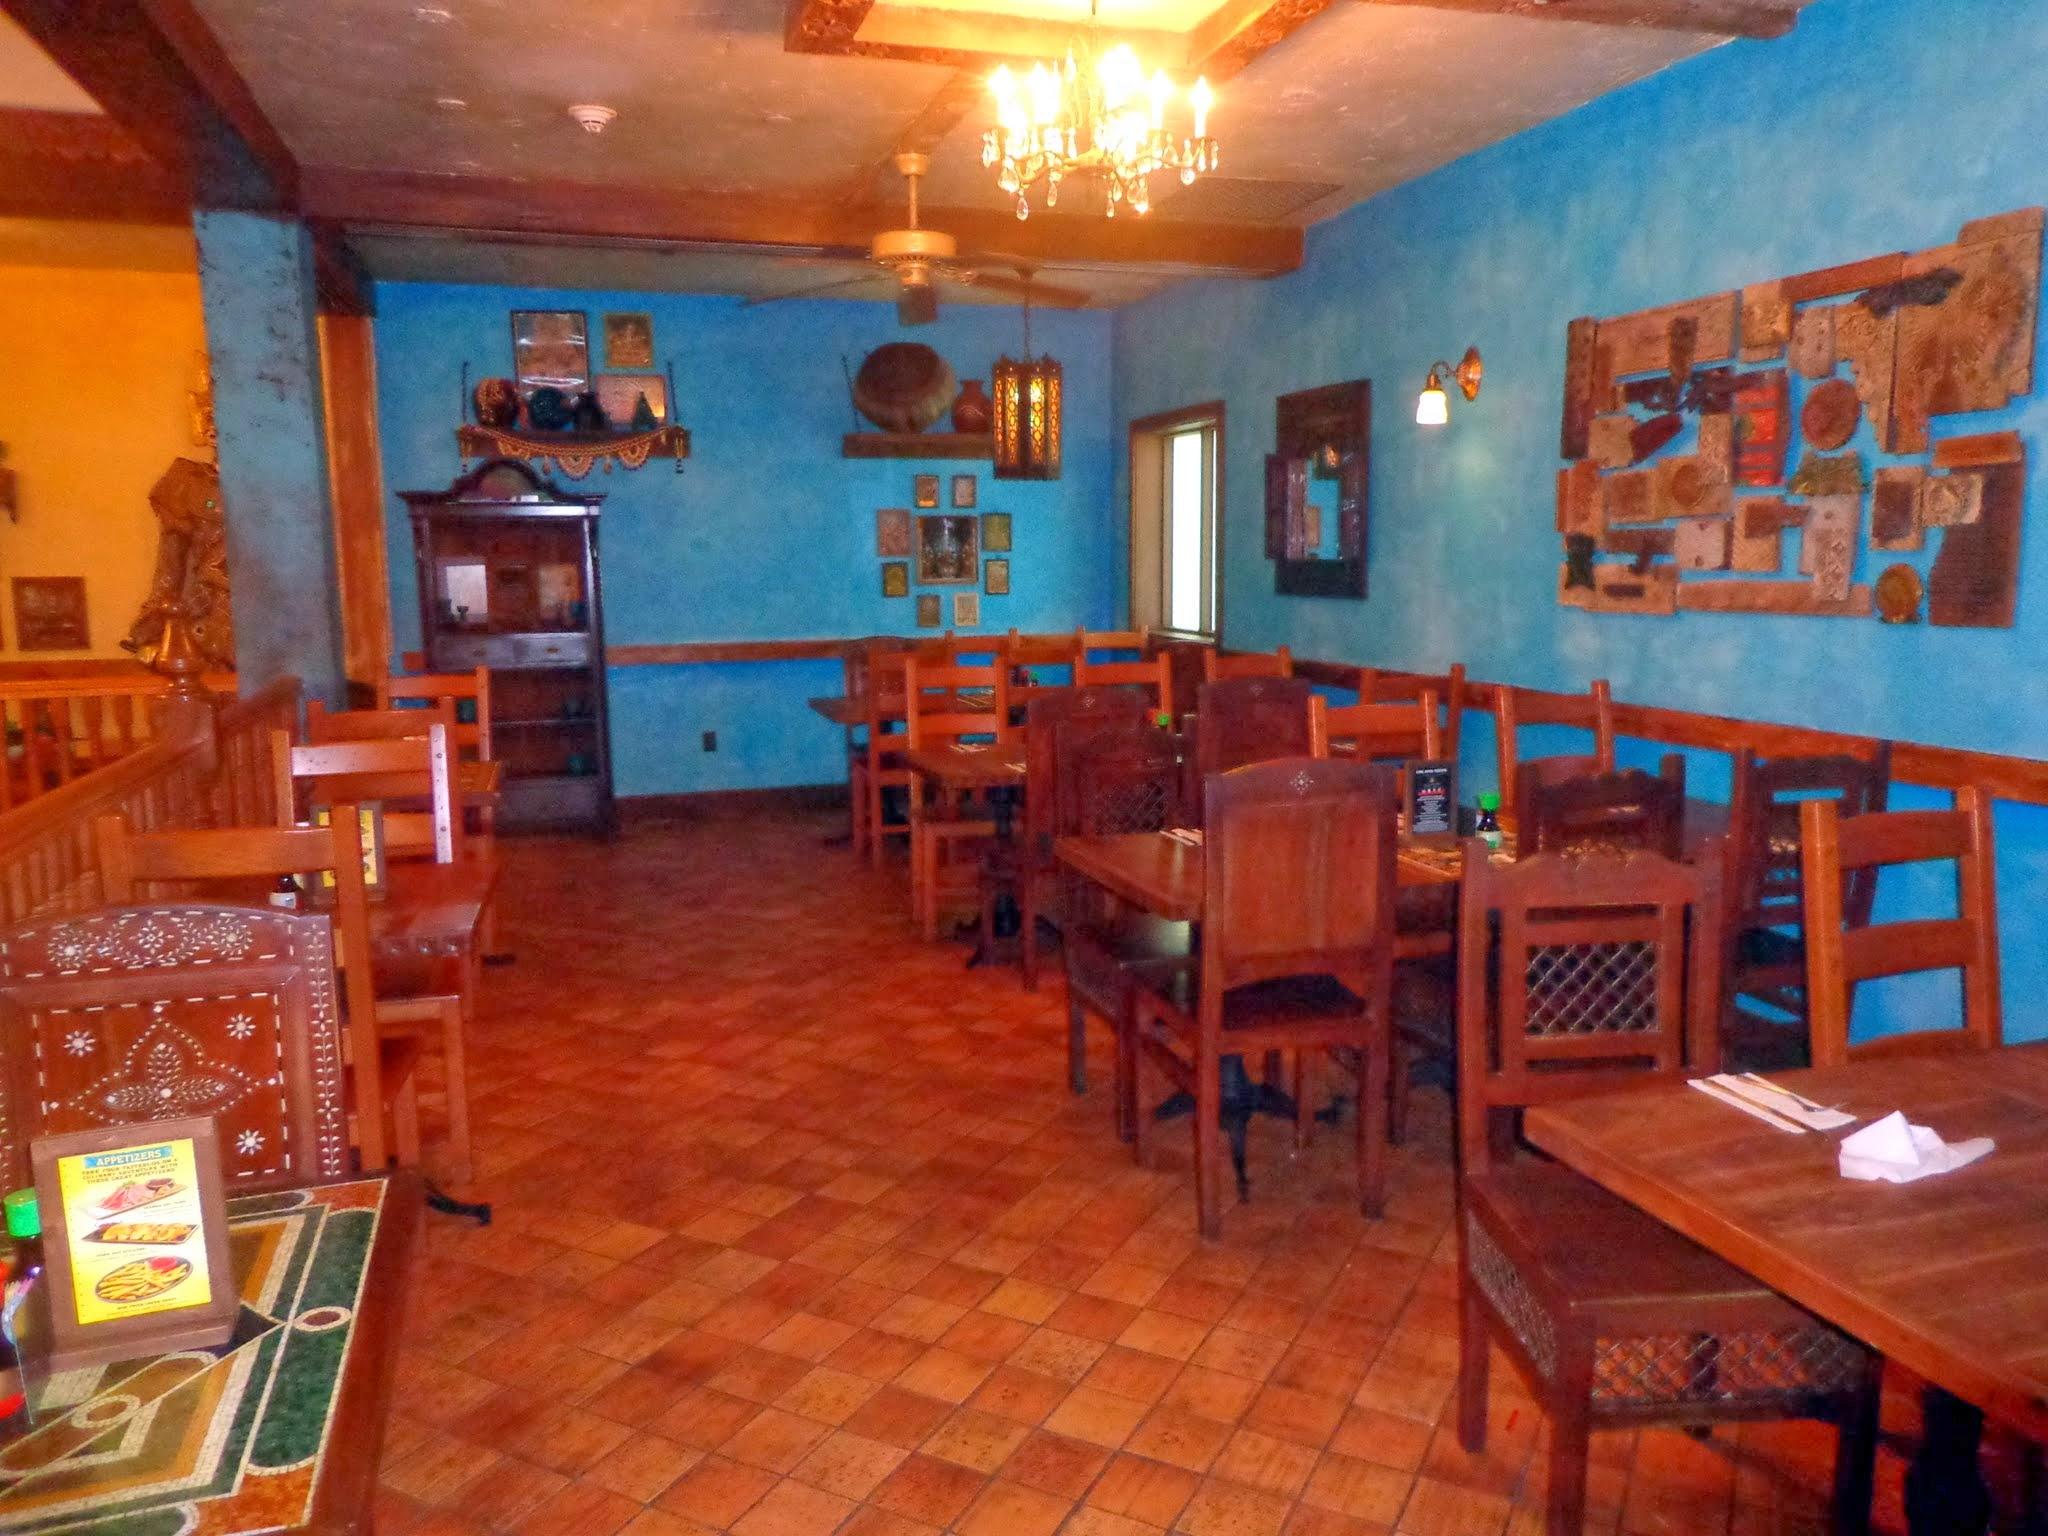 YY_Dining_Room3.JPG